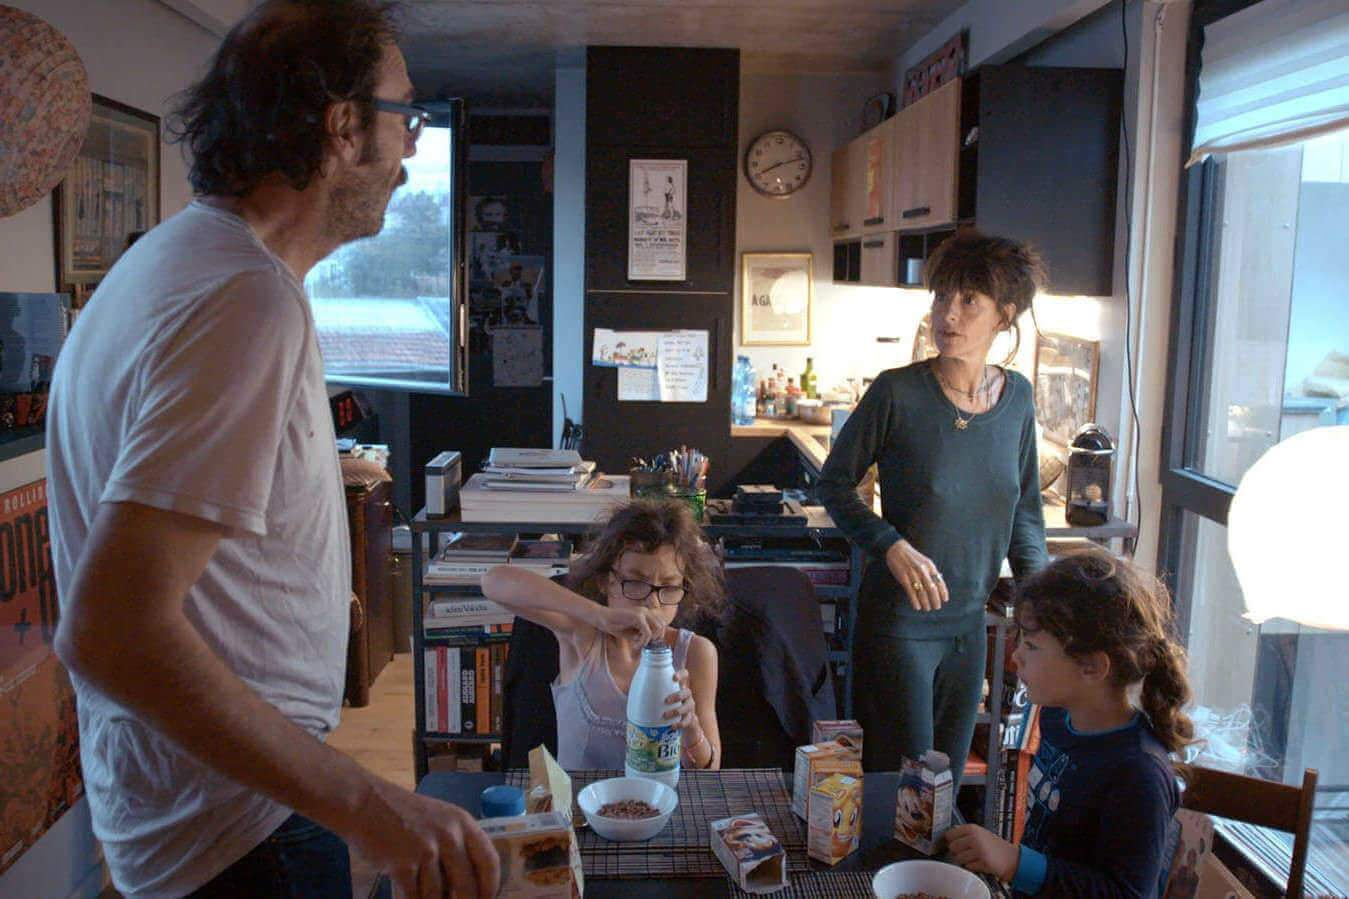 """Papa et maman ne sont plus amoureux, alors pour ne pas """"finir par se détester"""", la famille va s'installer dans un """"sépartement""""."""